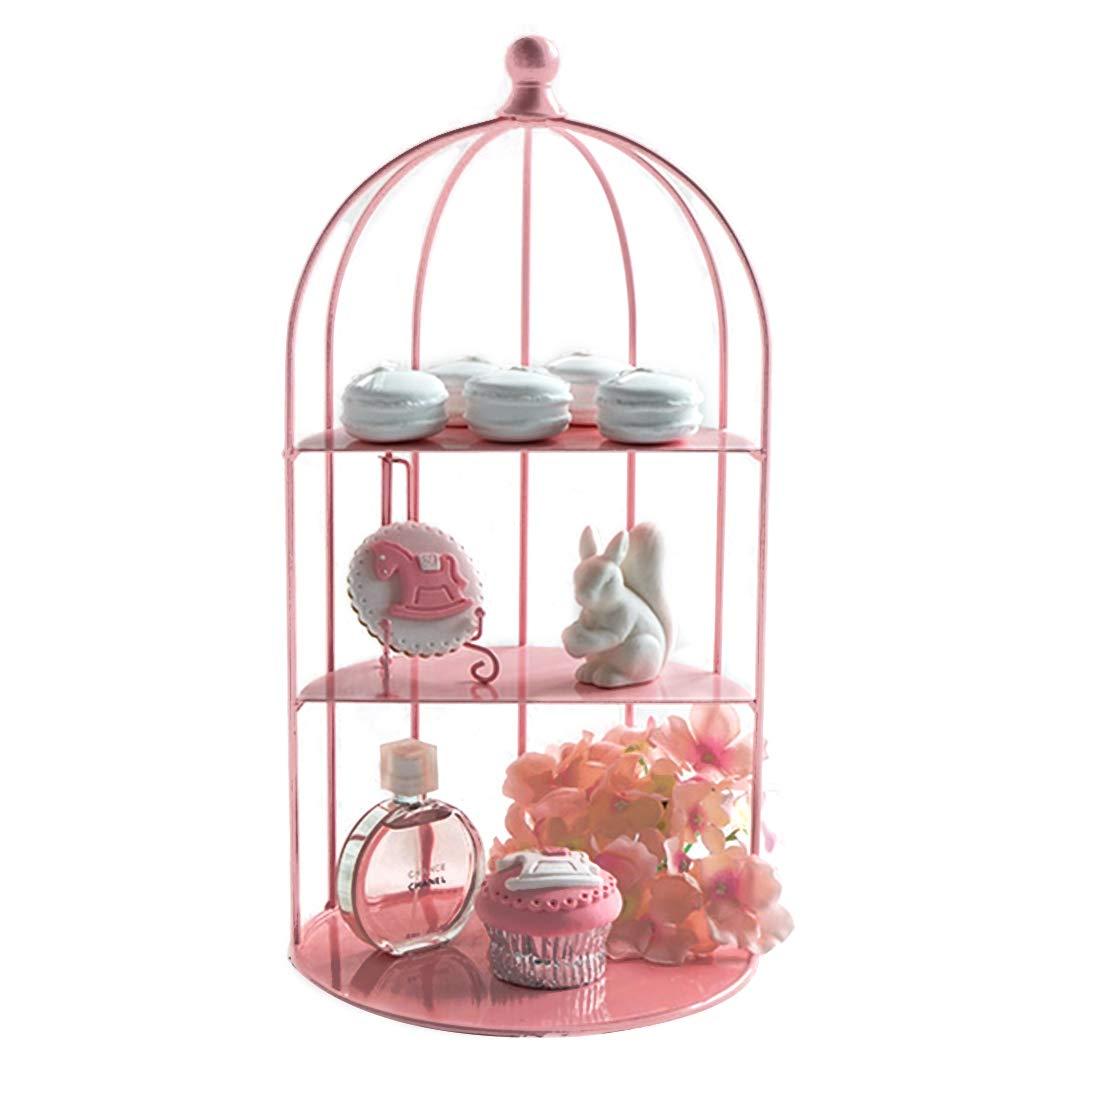 Doyvanntgo カップケーキスタンド鳥かごパーティーウェディング誕生日ケーキデザートディスプレイタワートレイ、ピンク   B07JF9C7CC